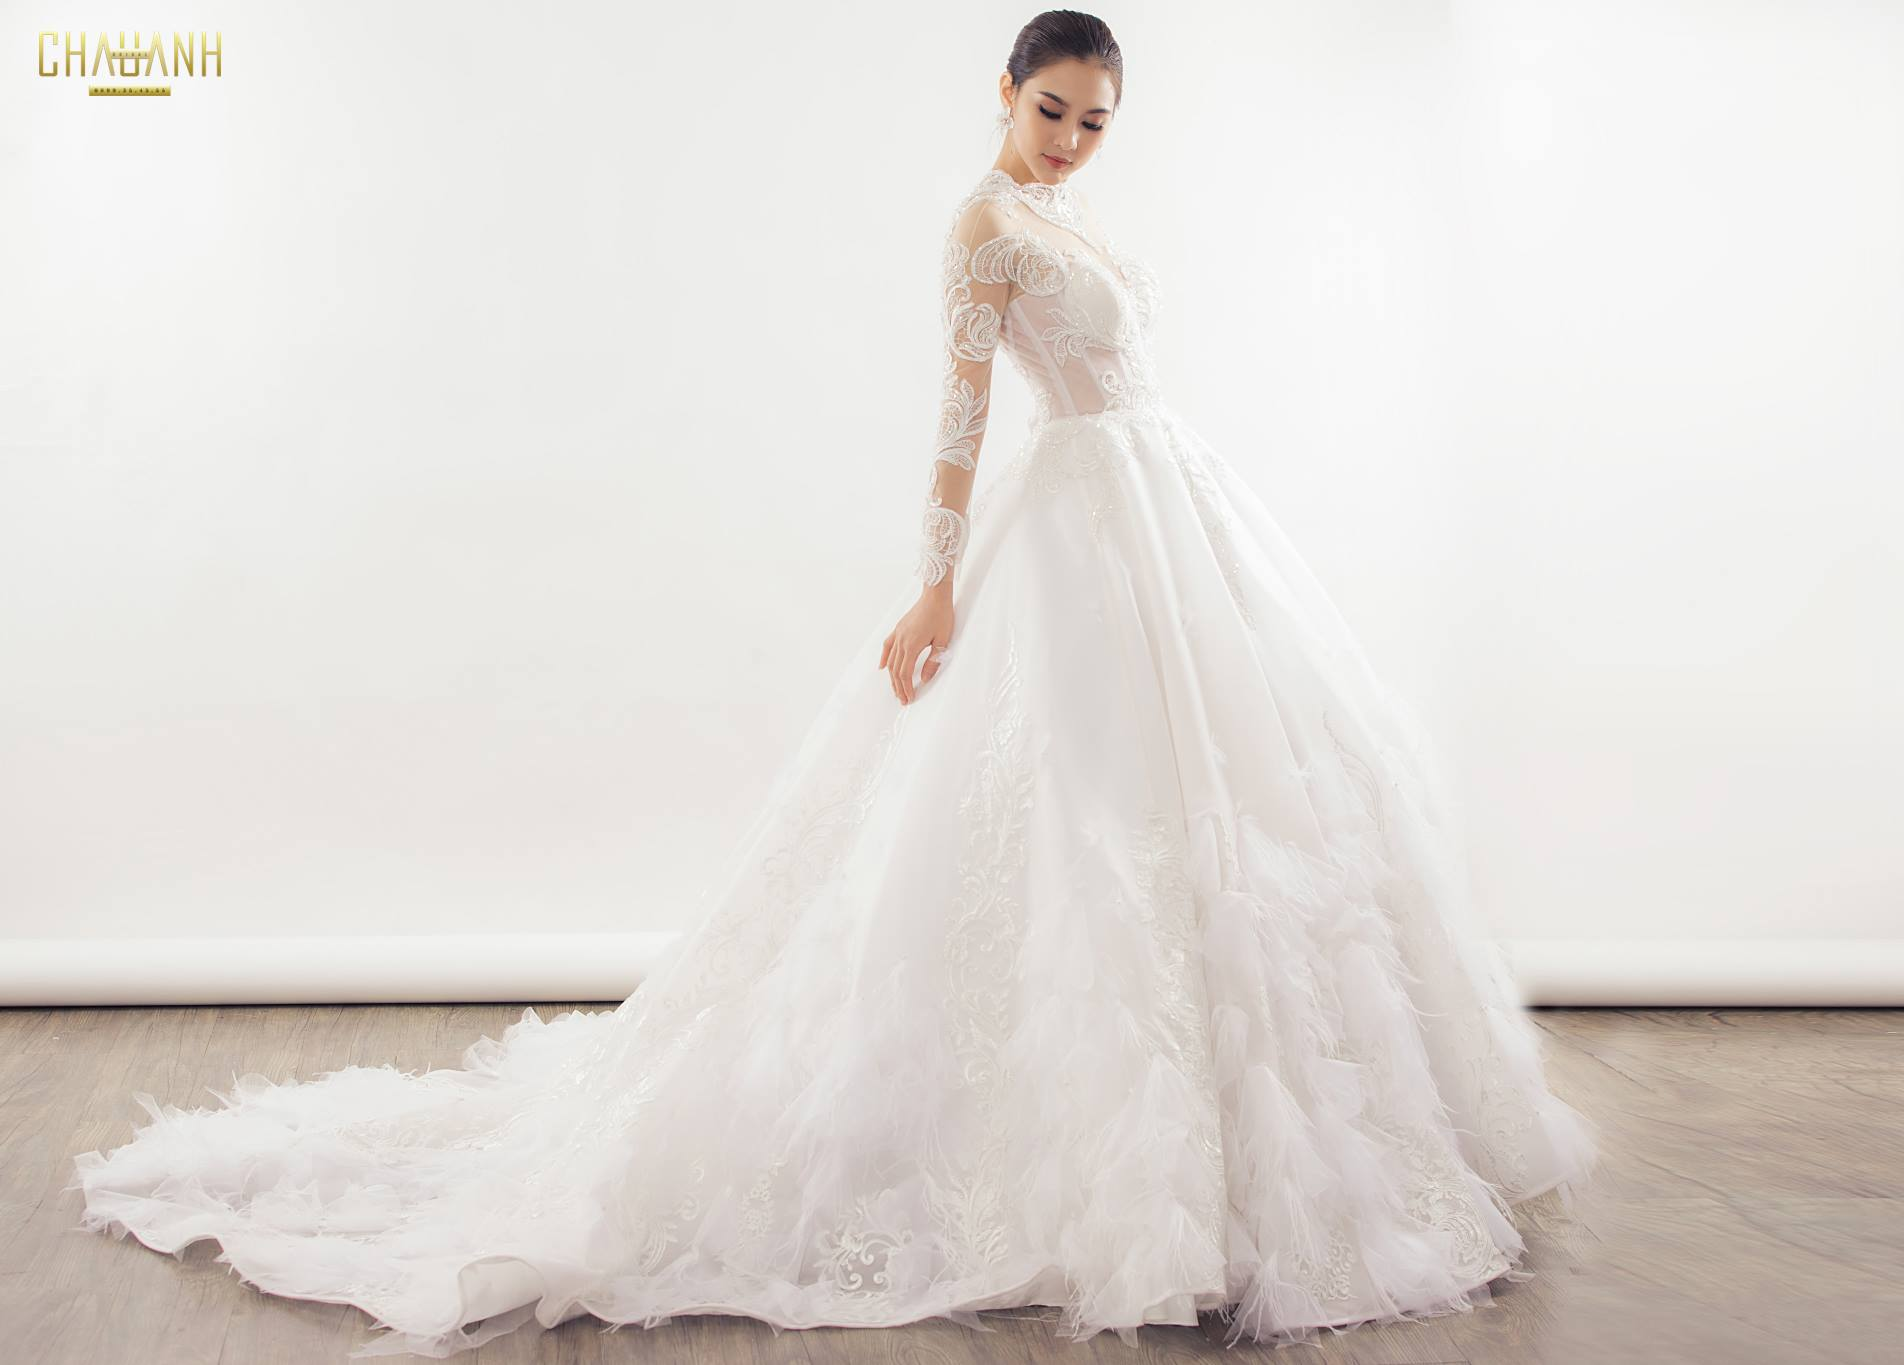 Châu Anh Bridal Marry